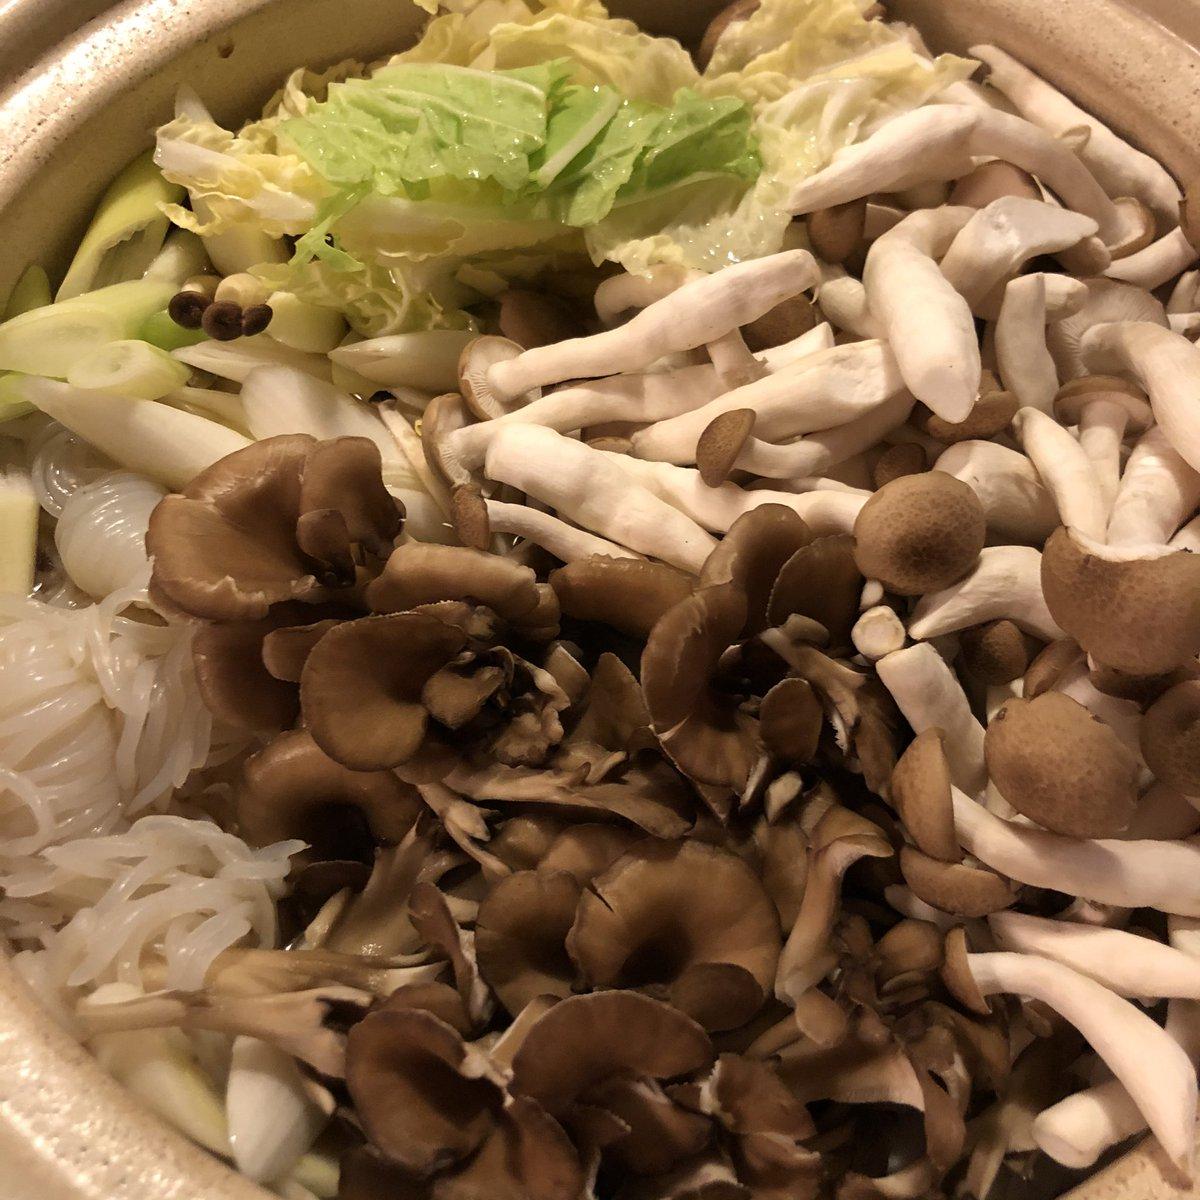 キノコたっぷりの鶏鍋 この後きりたんぽ入れます。秋田の人に怒られそうな、実はきりたんぽ鍋。